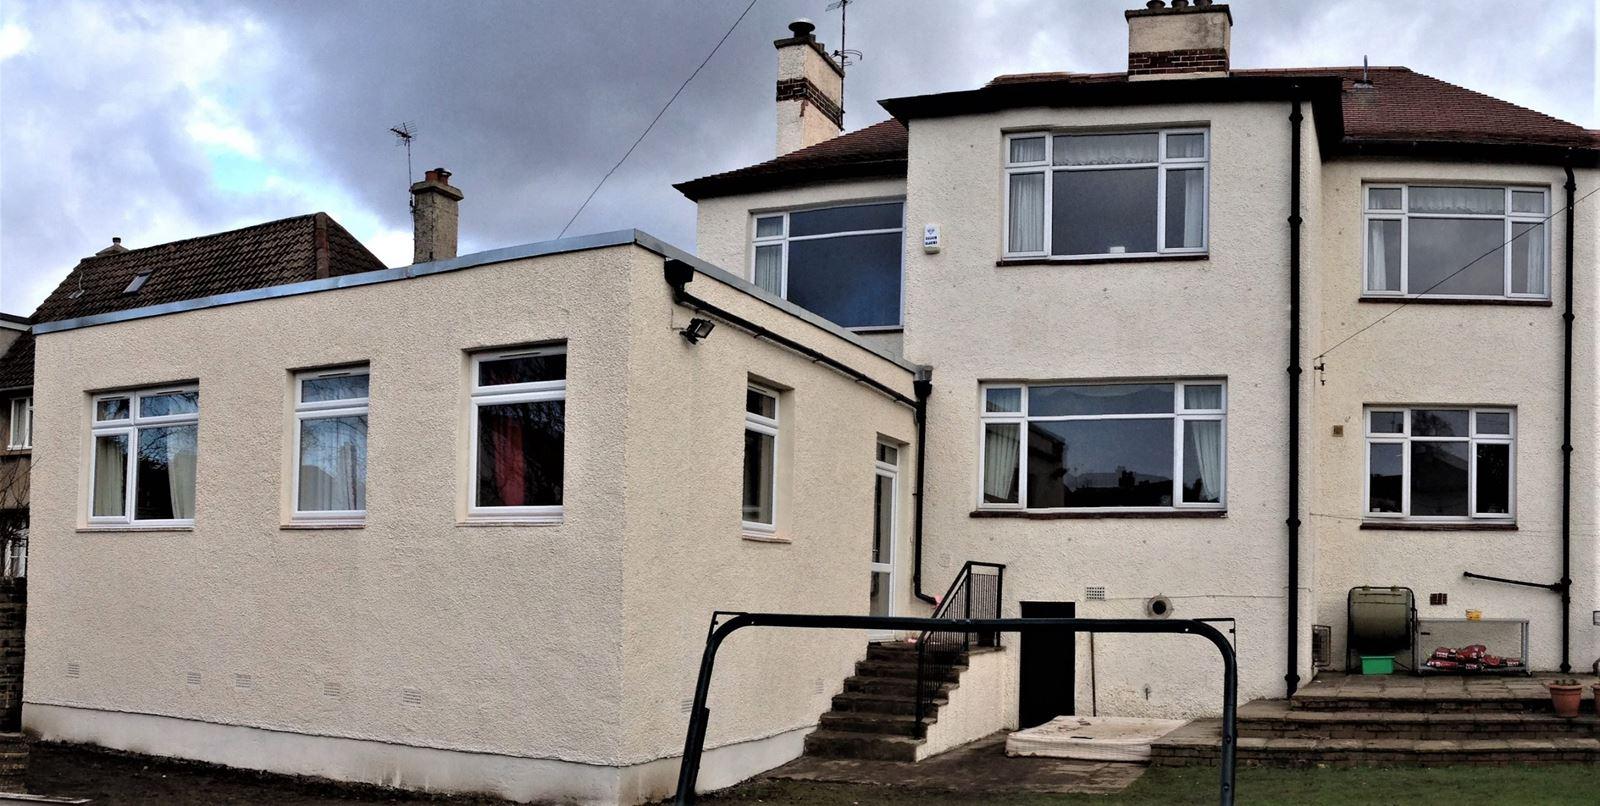 house-rendering-Edinburgh-rendering-contractors-Edinburgh